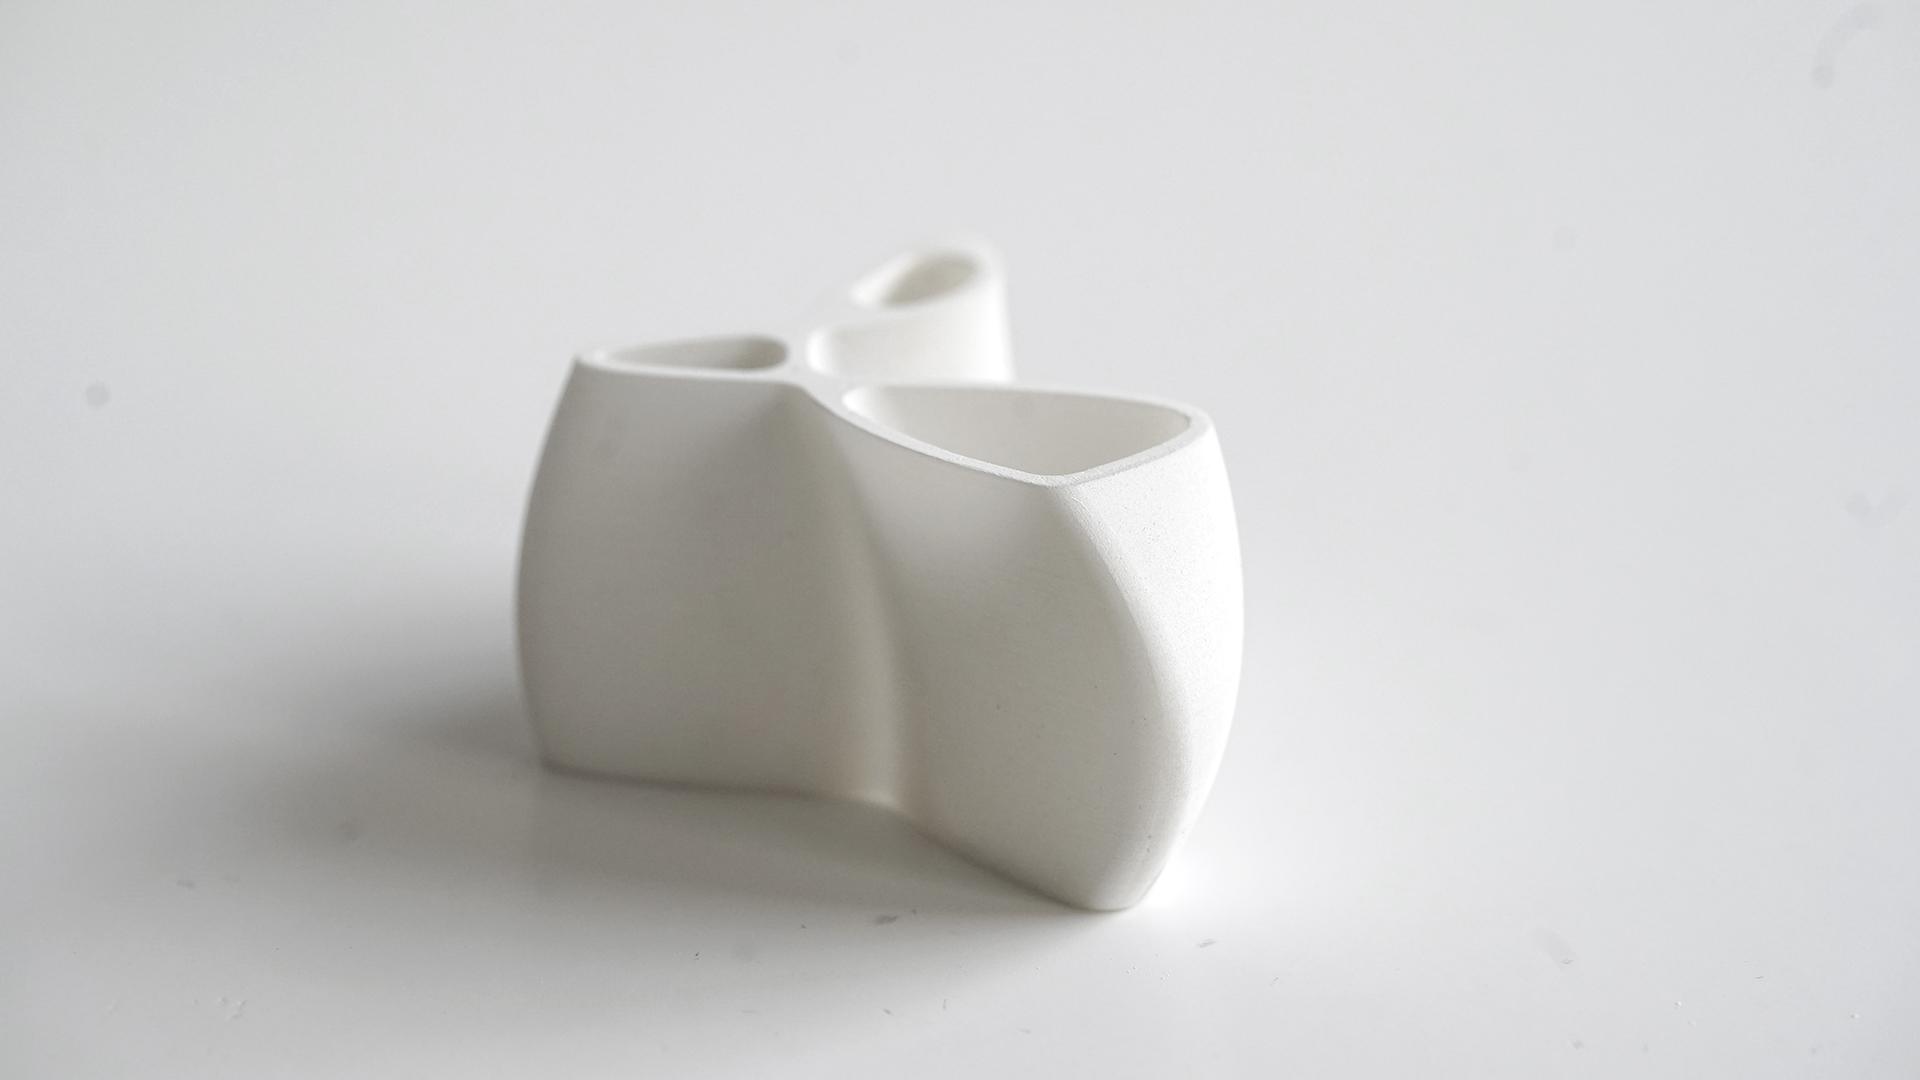 Trischnaps - Gebranntes Schapsgefäß aus Keramikharz, ondulierende Form mit drei unterschiedlichen Öffnungen